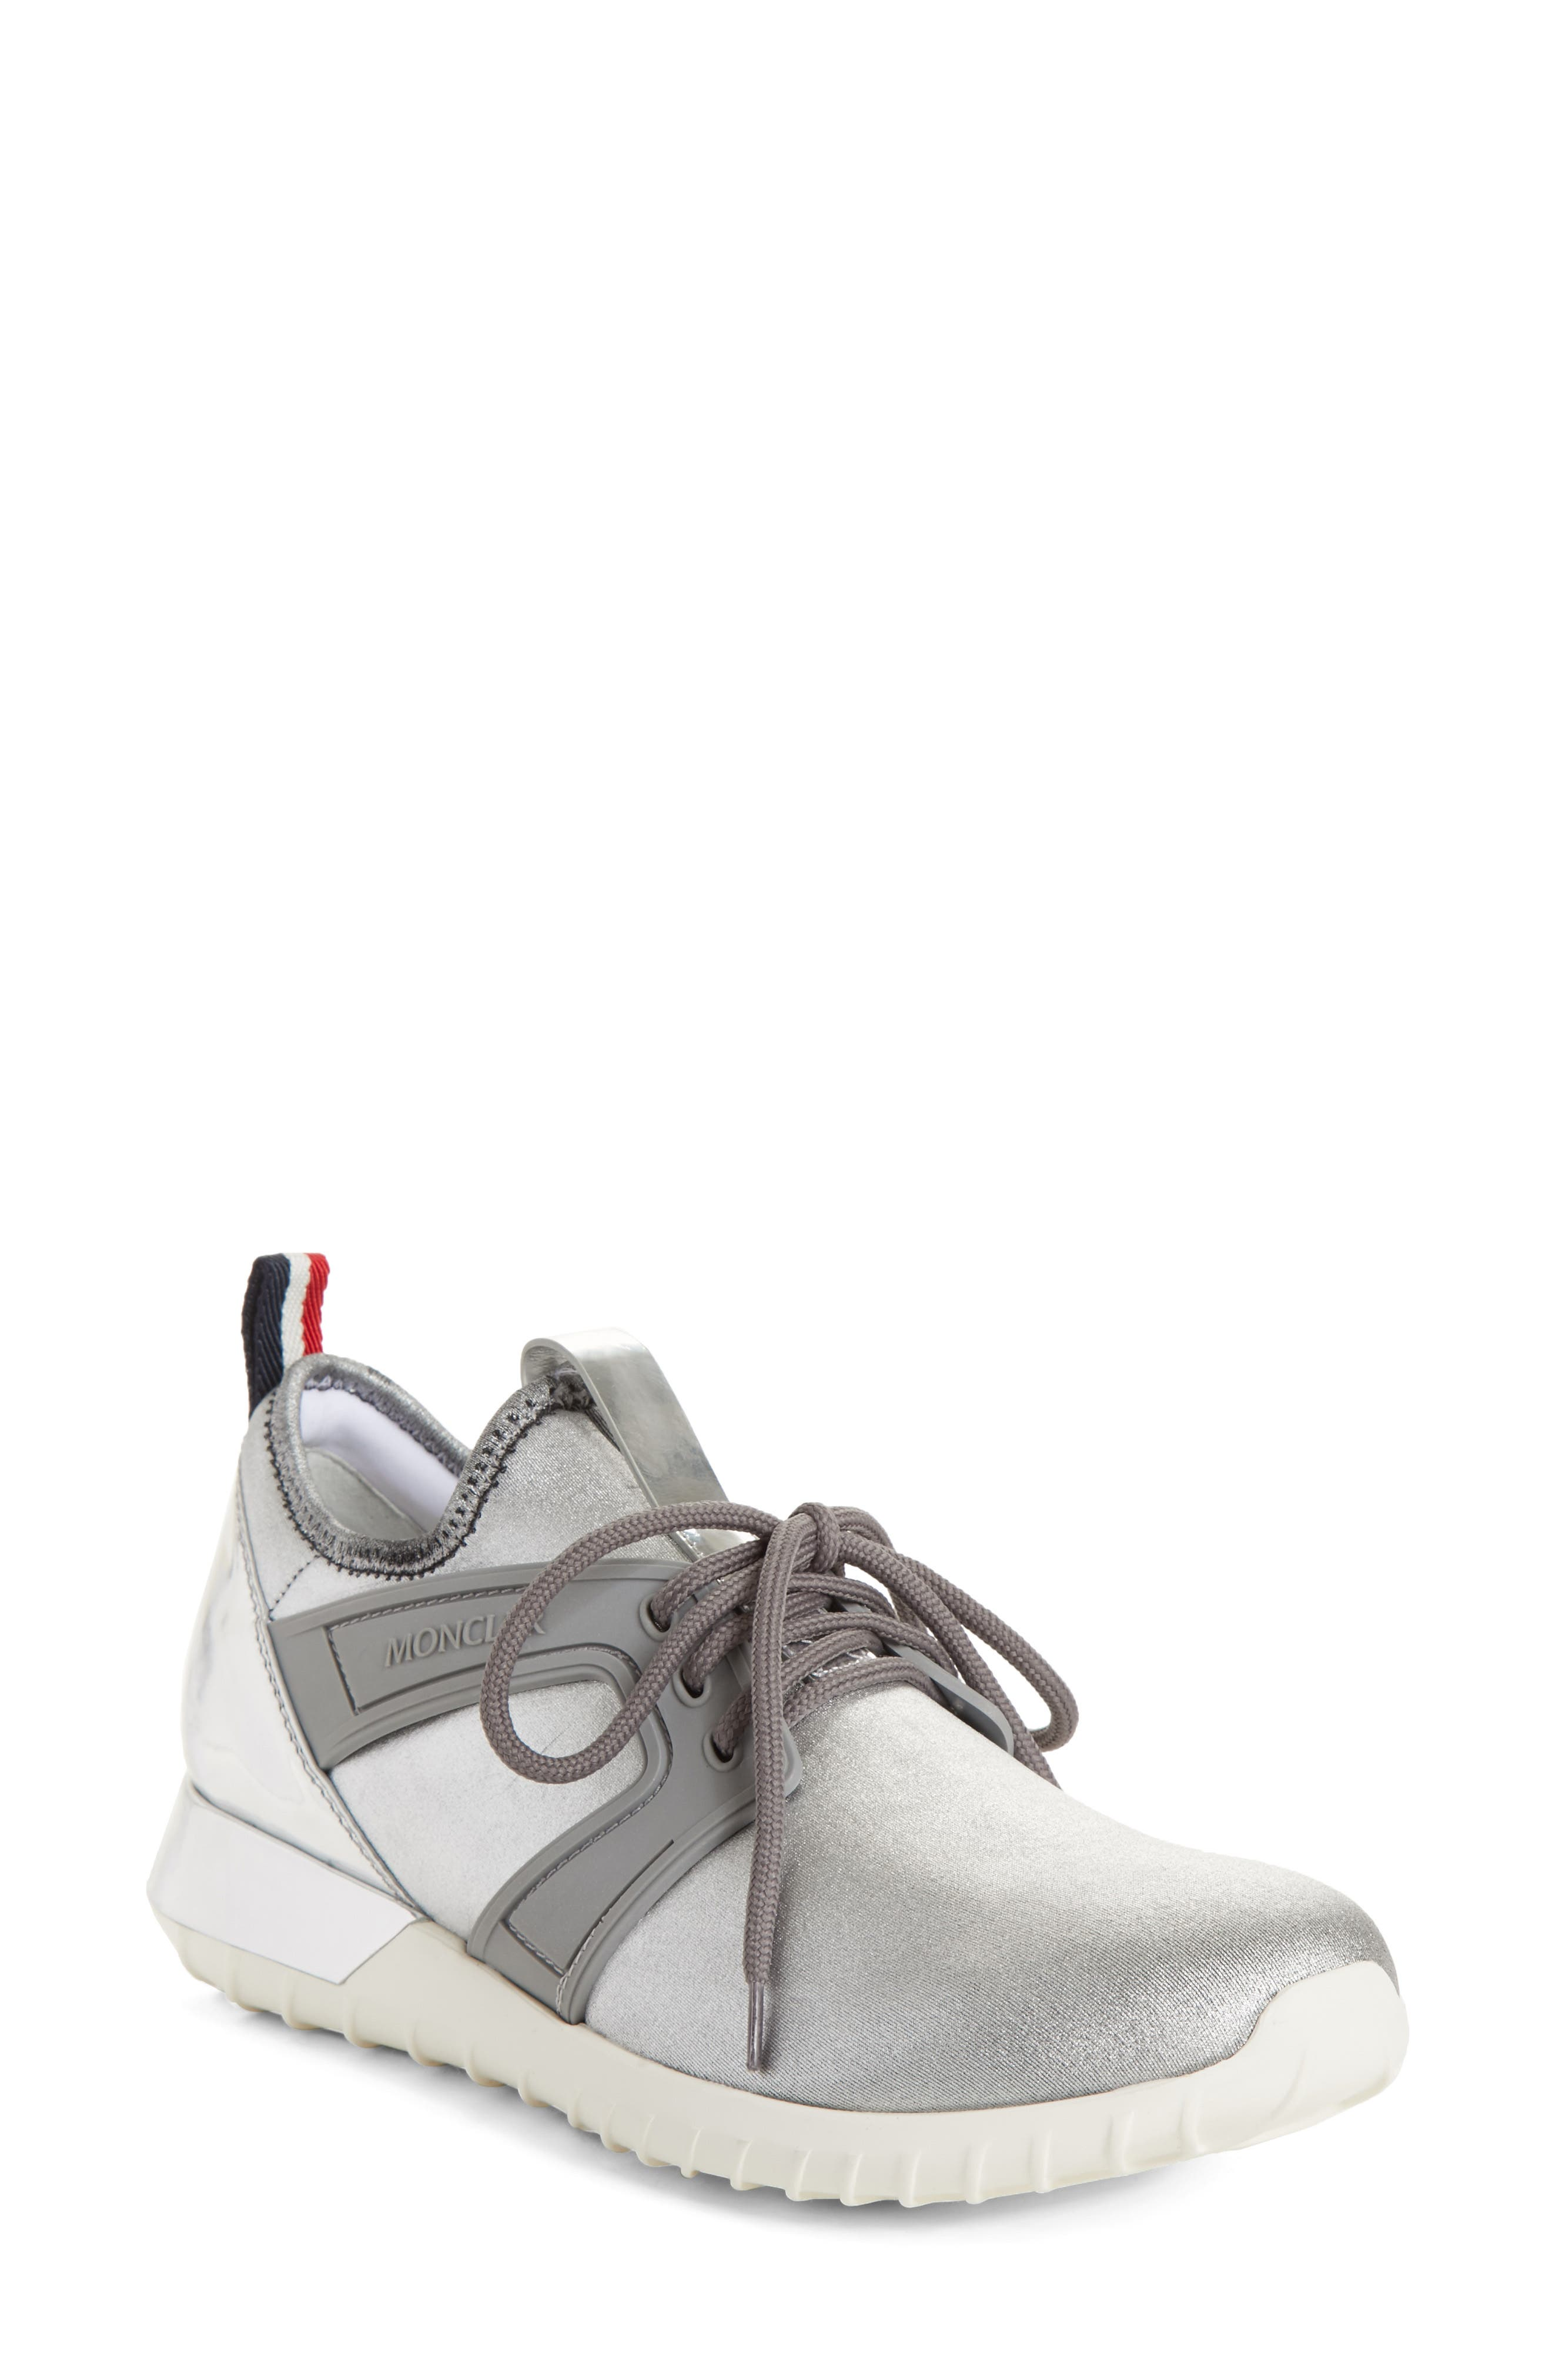 Main Image - Moncler Meline Runner Sneaker (Women)